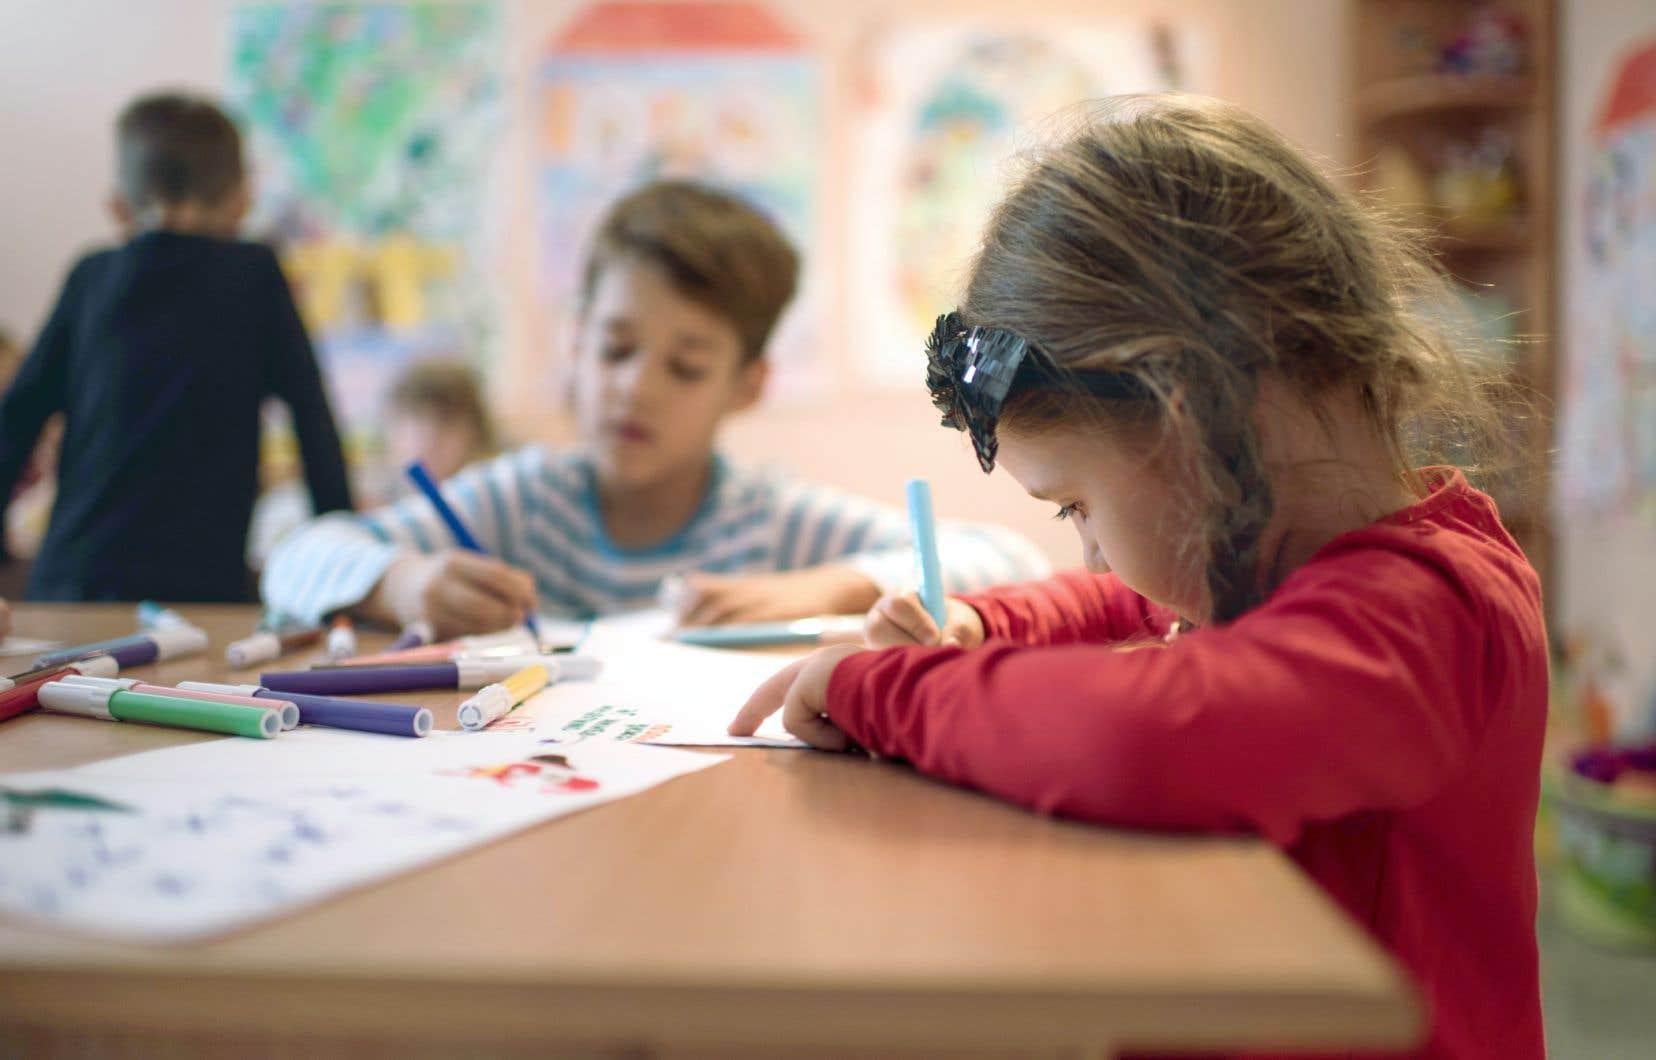 Les services de garde éducatifs à l'enfance seront gratuits pour les enfants âgés de quatre ans, a aussi promis M.Couillard en marge de la rentrée scolaire 2018-2019.